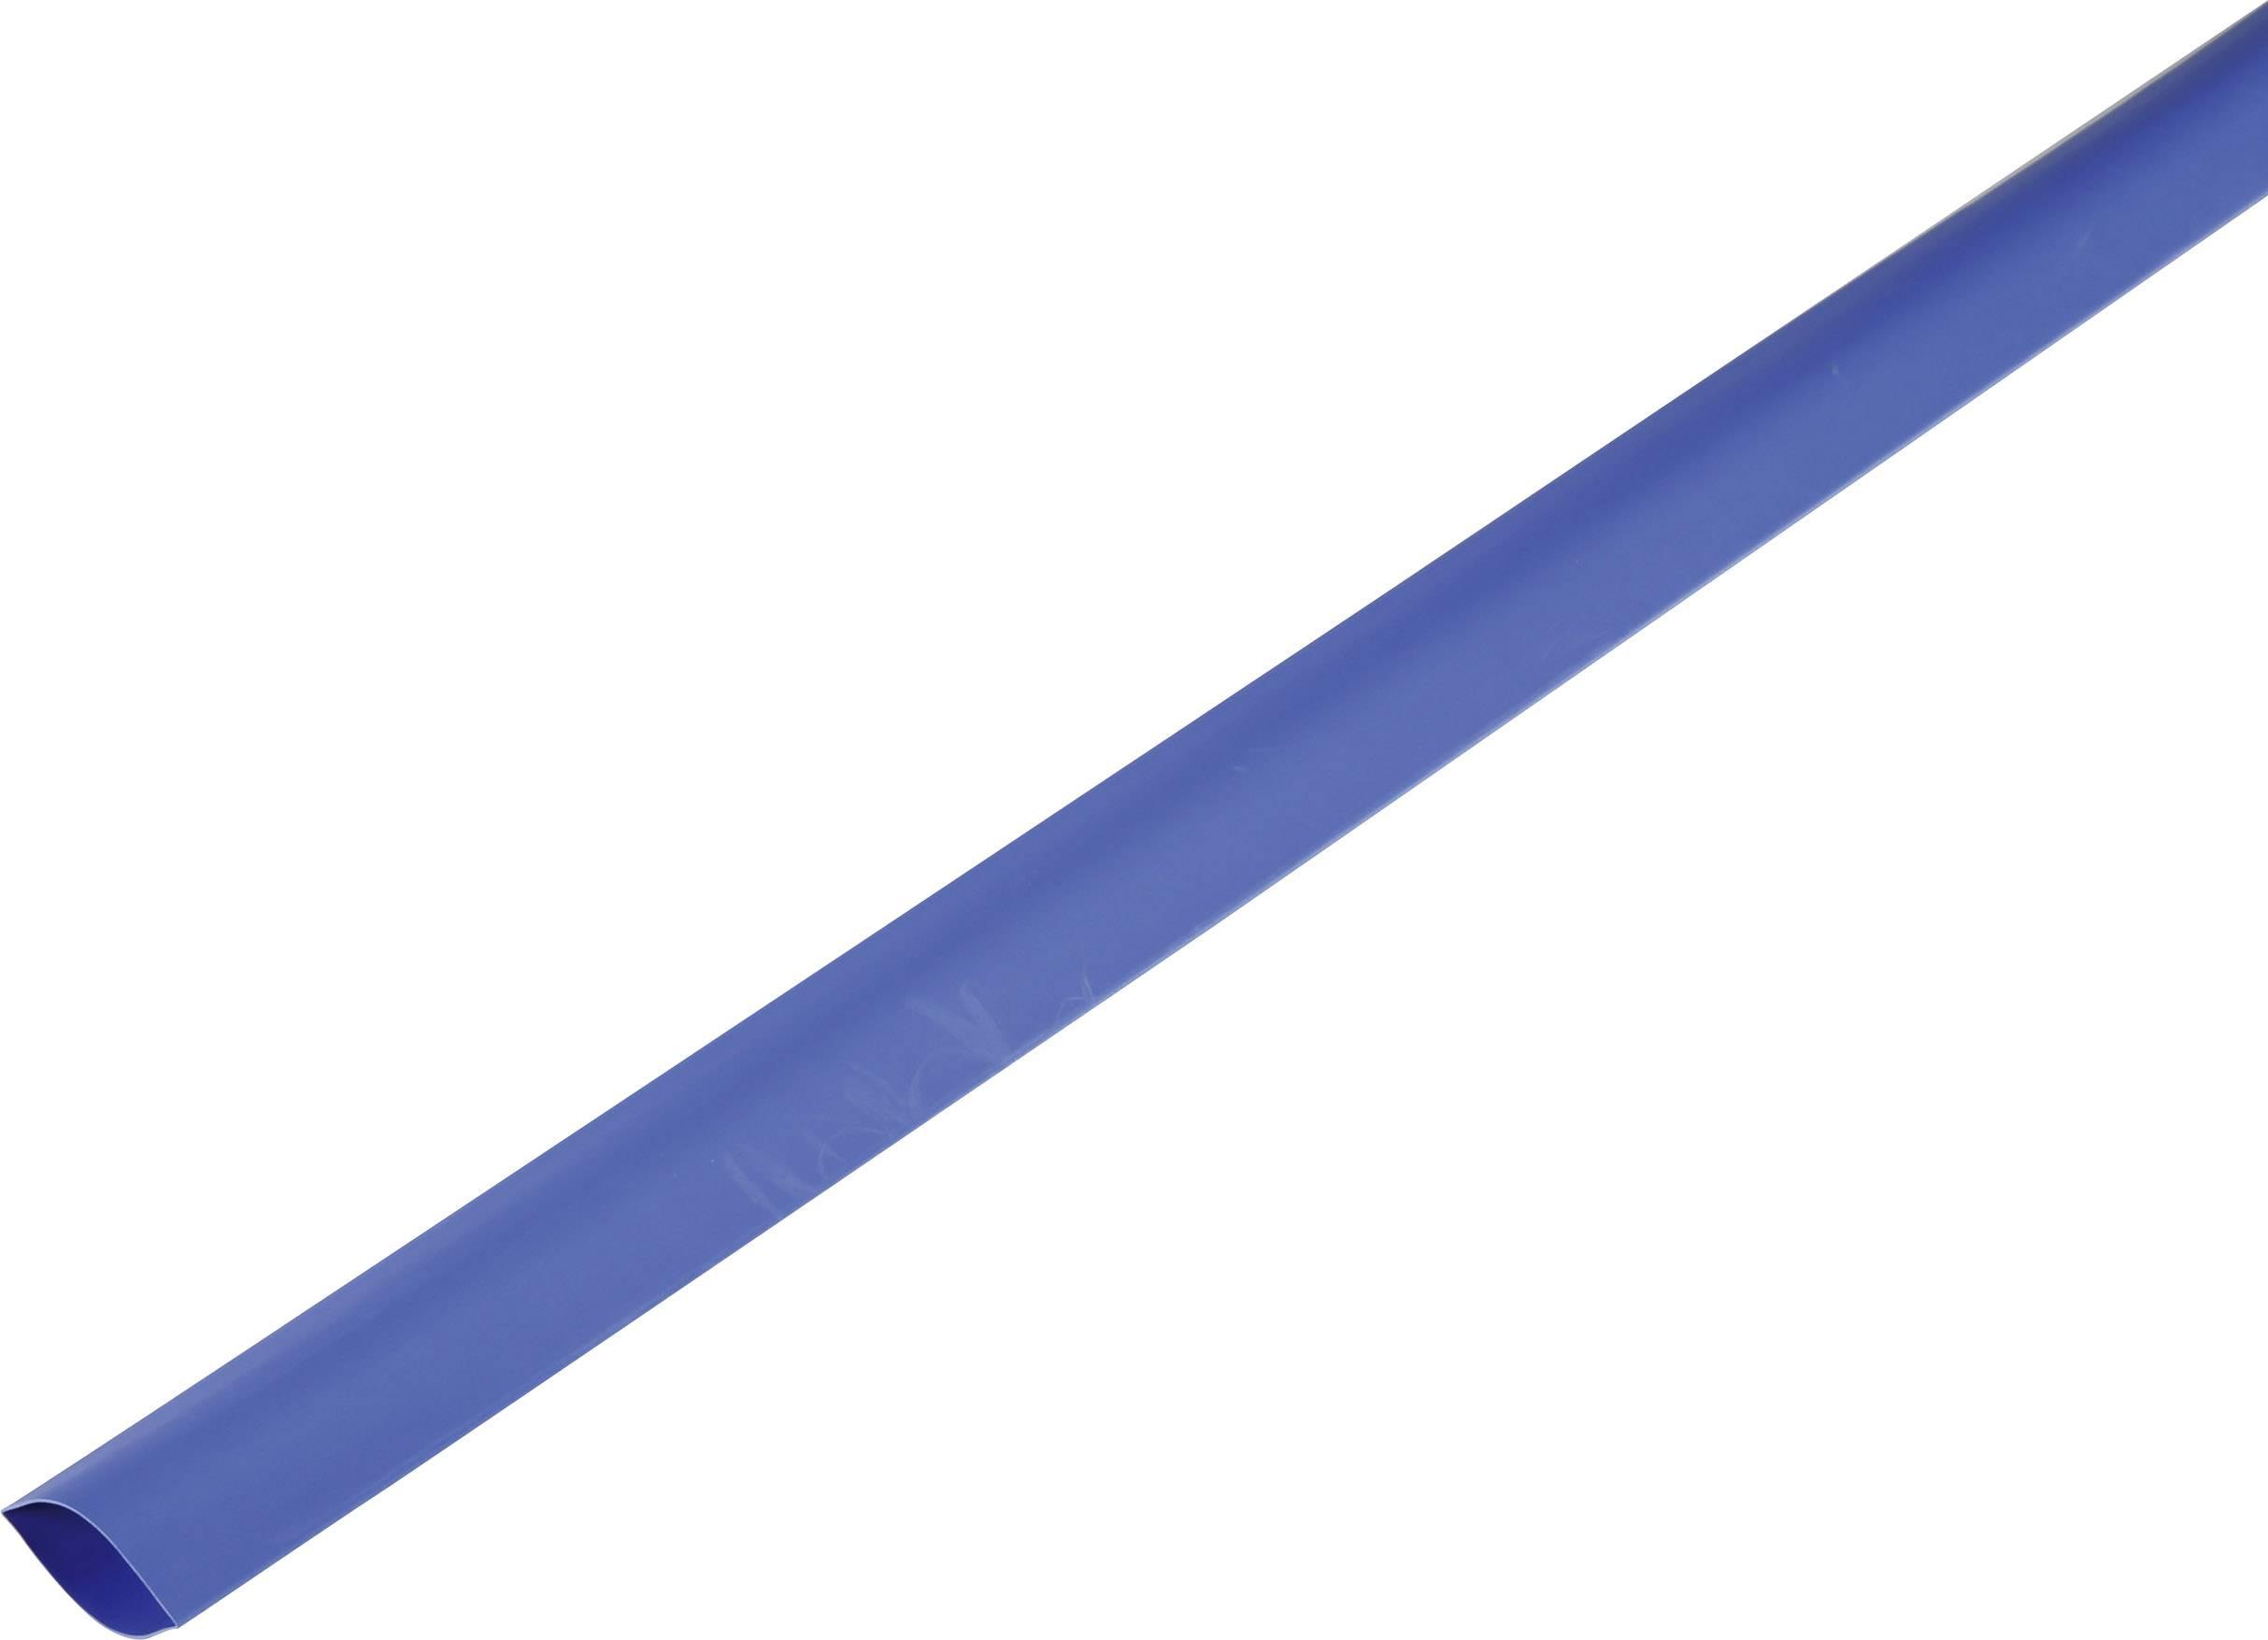 Smršťovací bužírka bez lepidla 1225528 2:1, -55 až +125 °C, 120 mm, modrá, metrové zboží